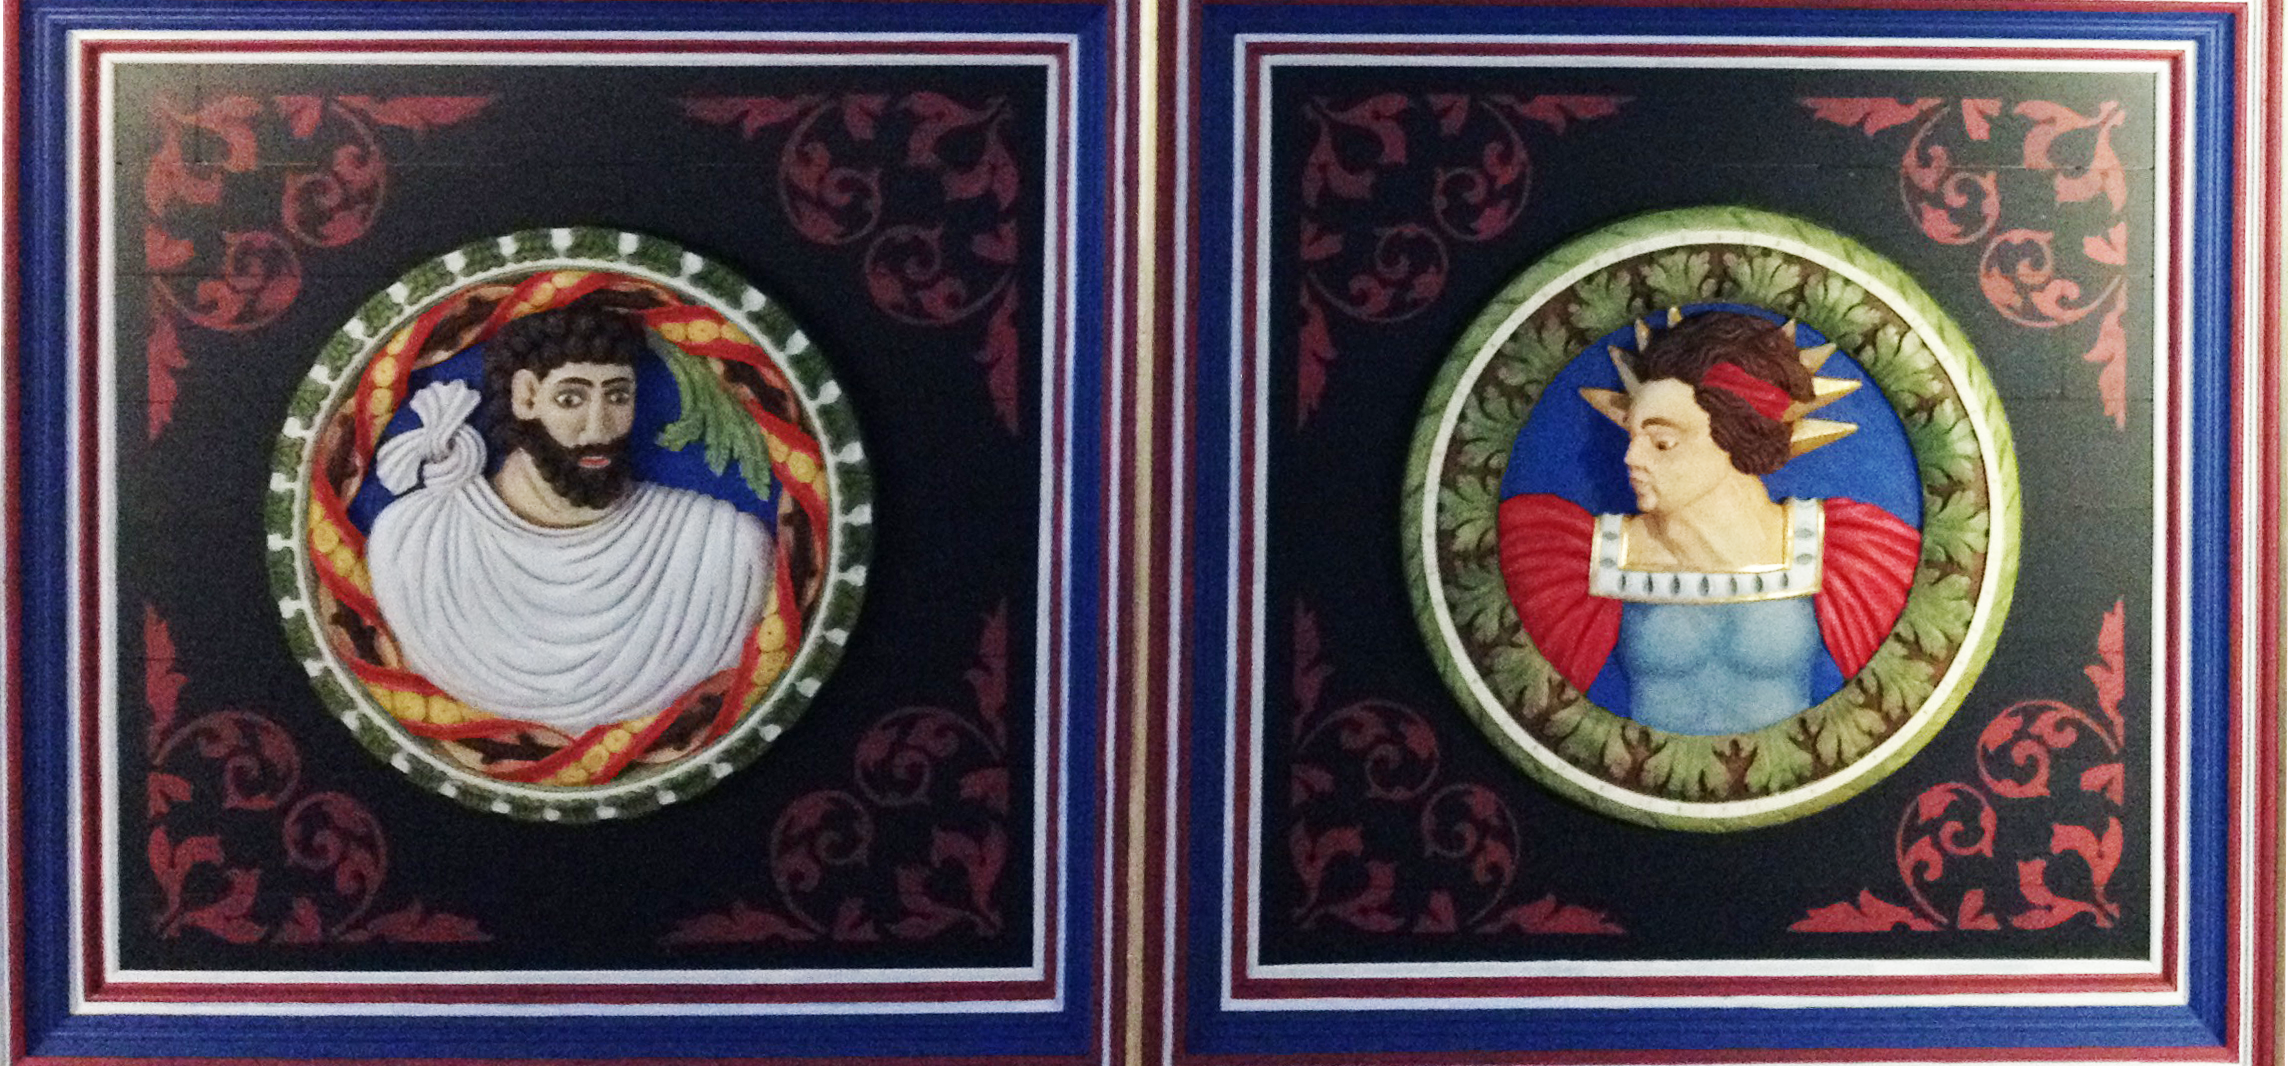 """Duas das """"cabeças"""" esculpidas em madeira no teto. São bem coloridas."""